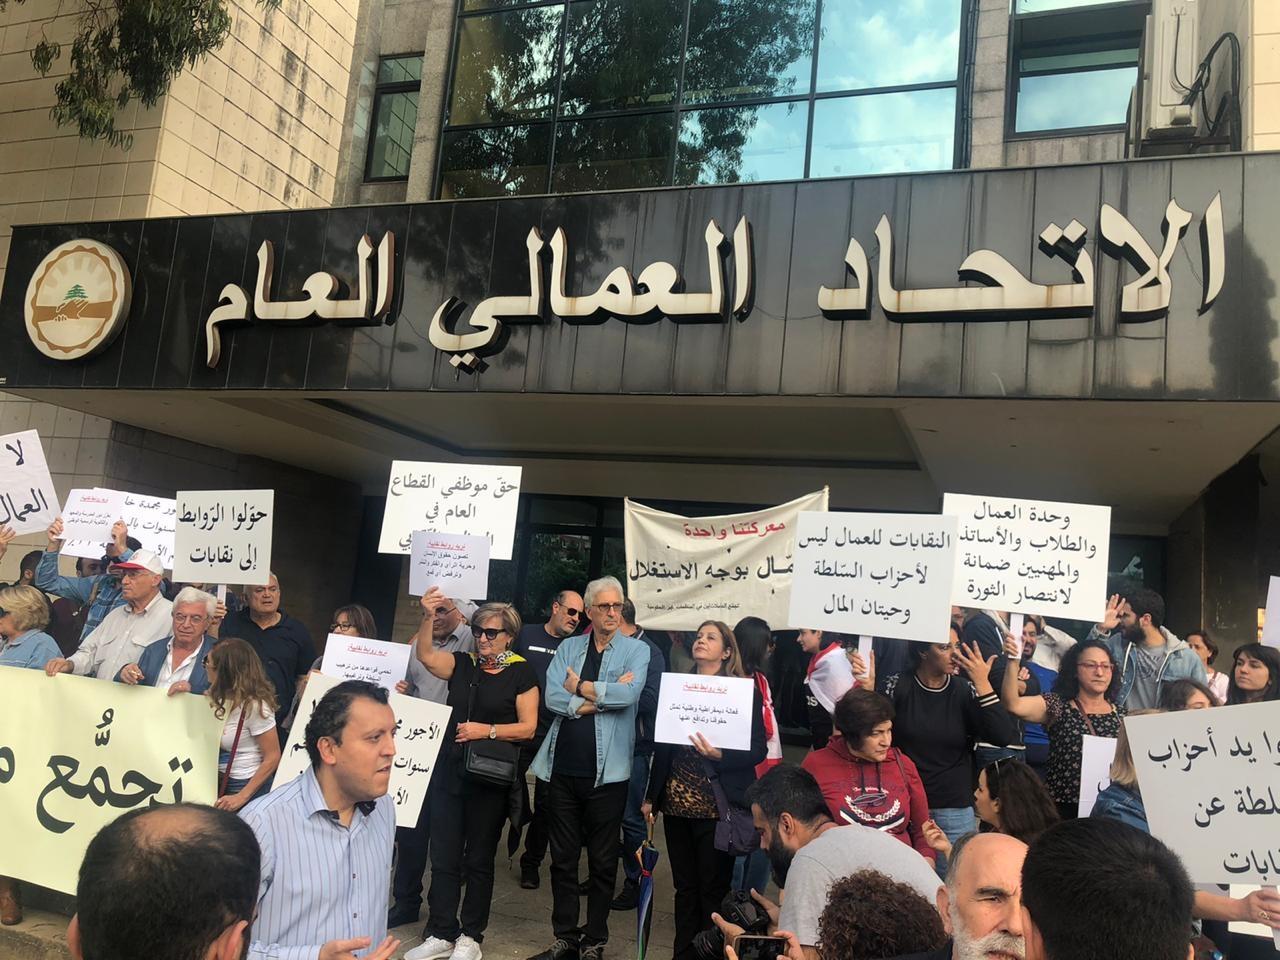 تجمع أمام الاتحاد العمالي العام (الوكالة الوطنية للإعلام)